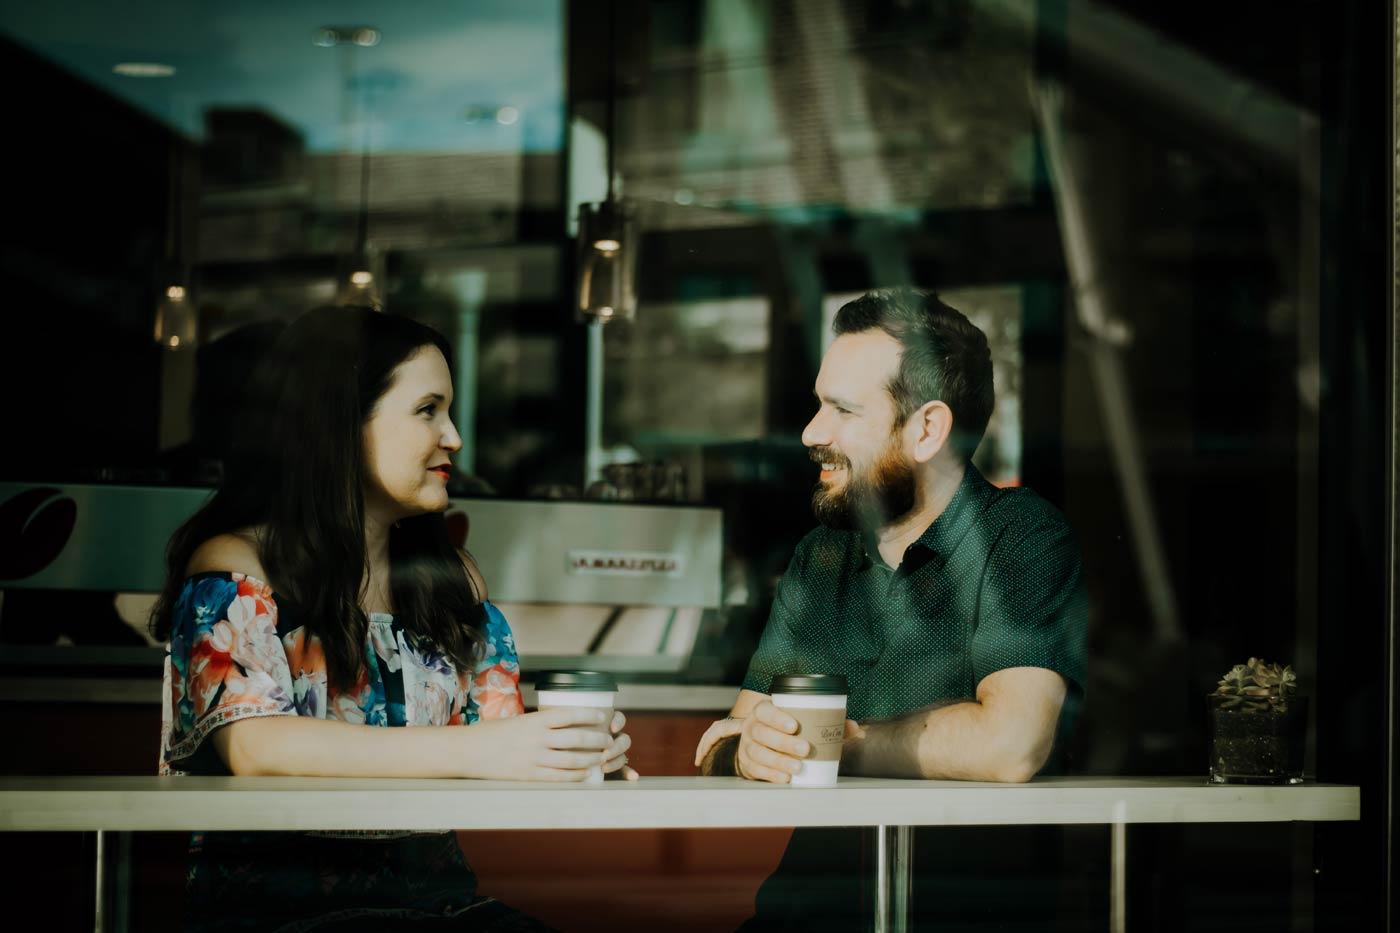 Rozmowa z kimś życzliwym to świetny sposób na relaks